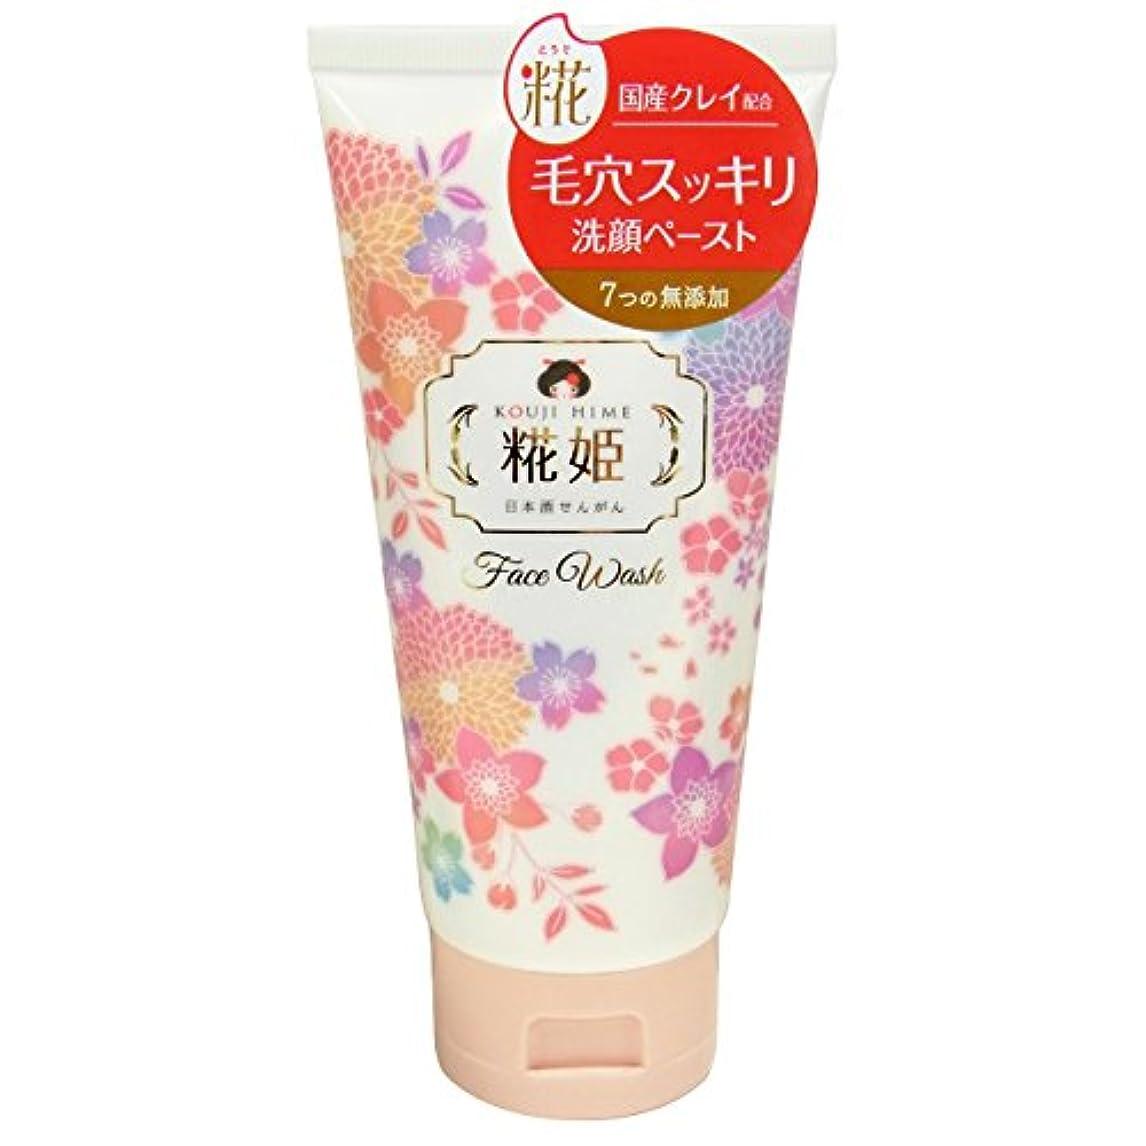 スカープ消毒する抑止する糀姫 洗顔料 せんがんぺーすと (100g)